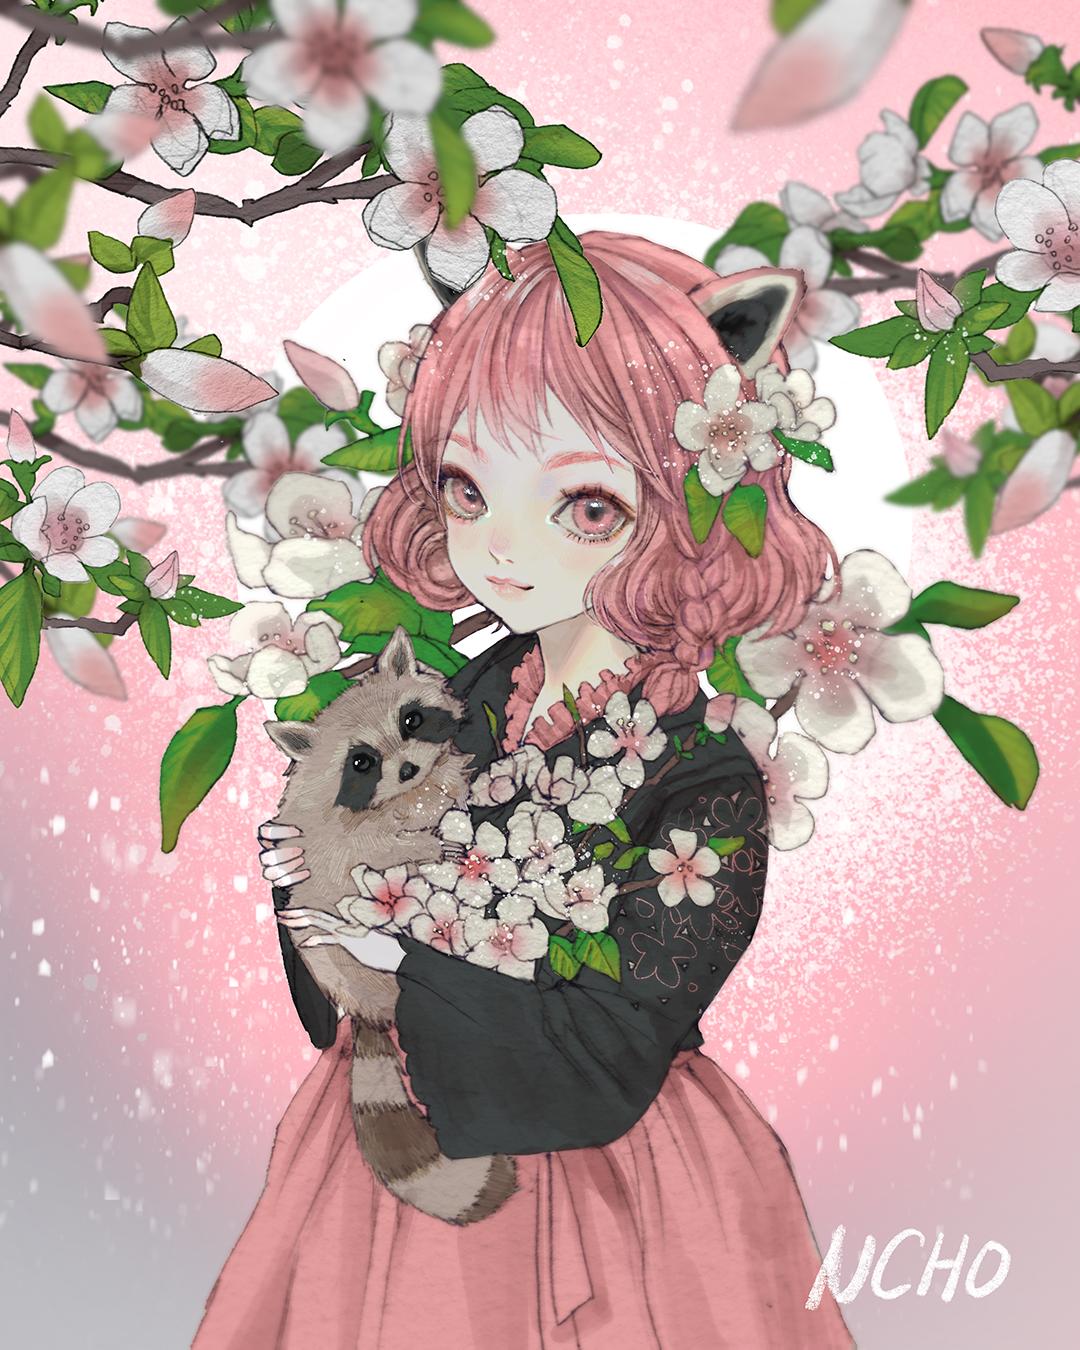 GirlsclubAsia-Illustrator-ncho (4)